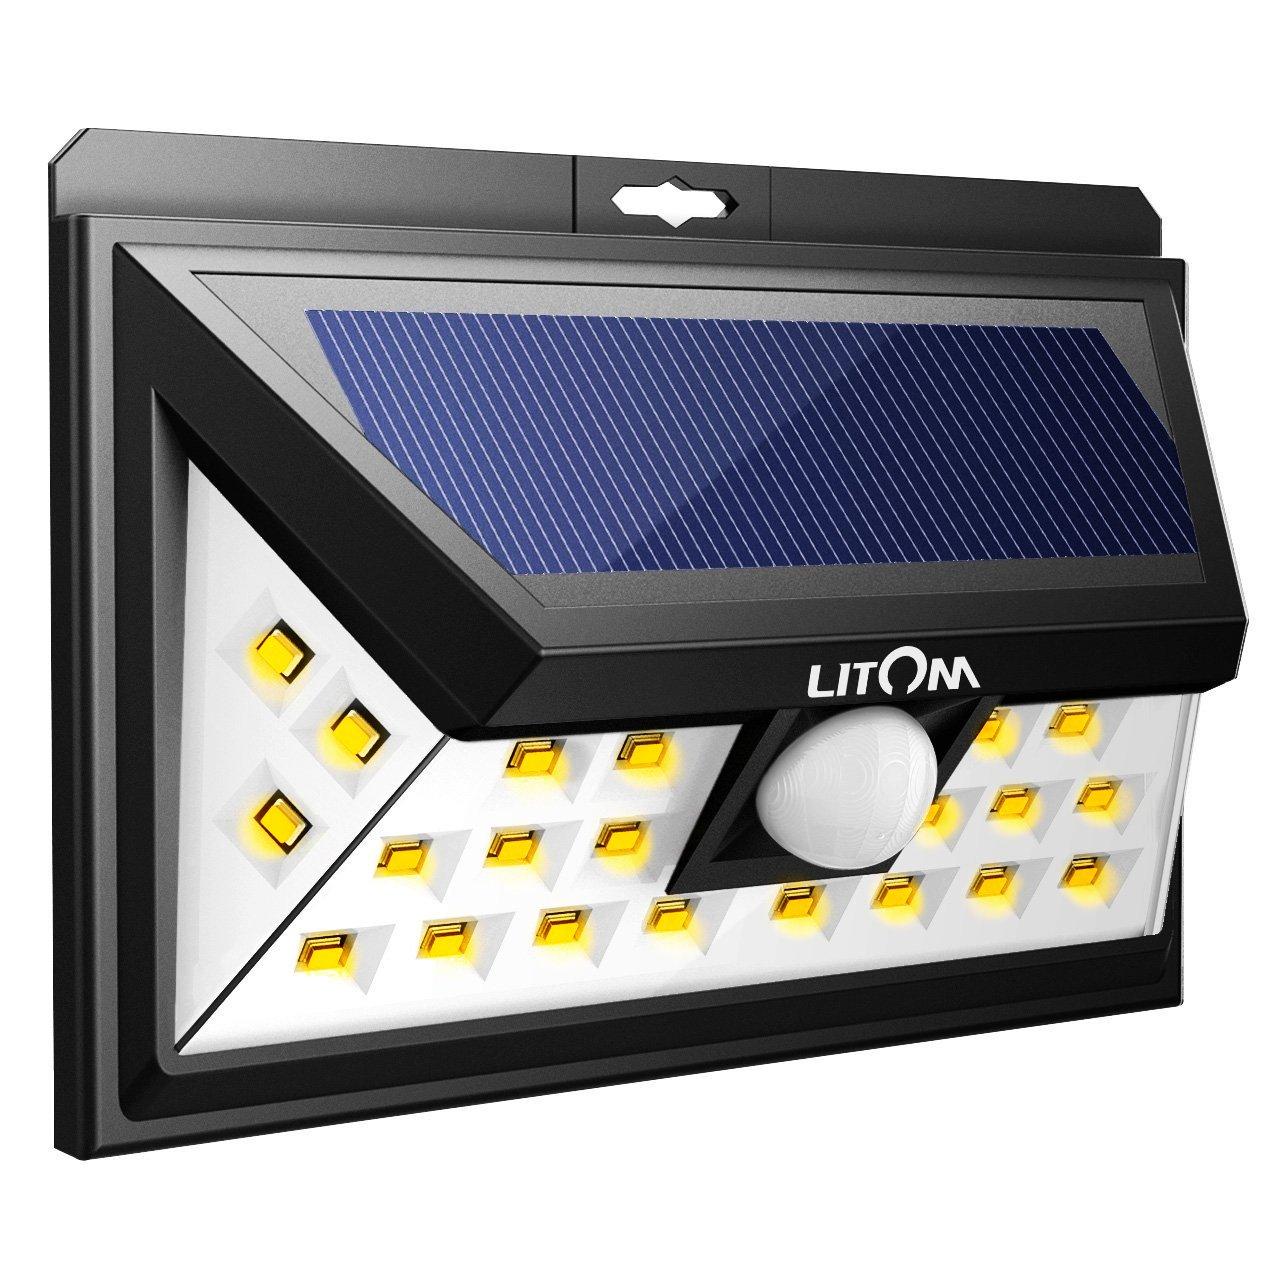 LITOM Solar Lights, Black 24 LED Motion Sensor Solar Lights Outdoor, Super Bright Wide Angle Security Light for Front Door, Yard, Garage, Deck, Porch, Shed, Walkway, Fence